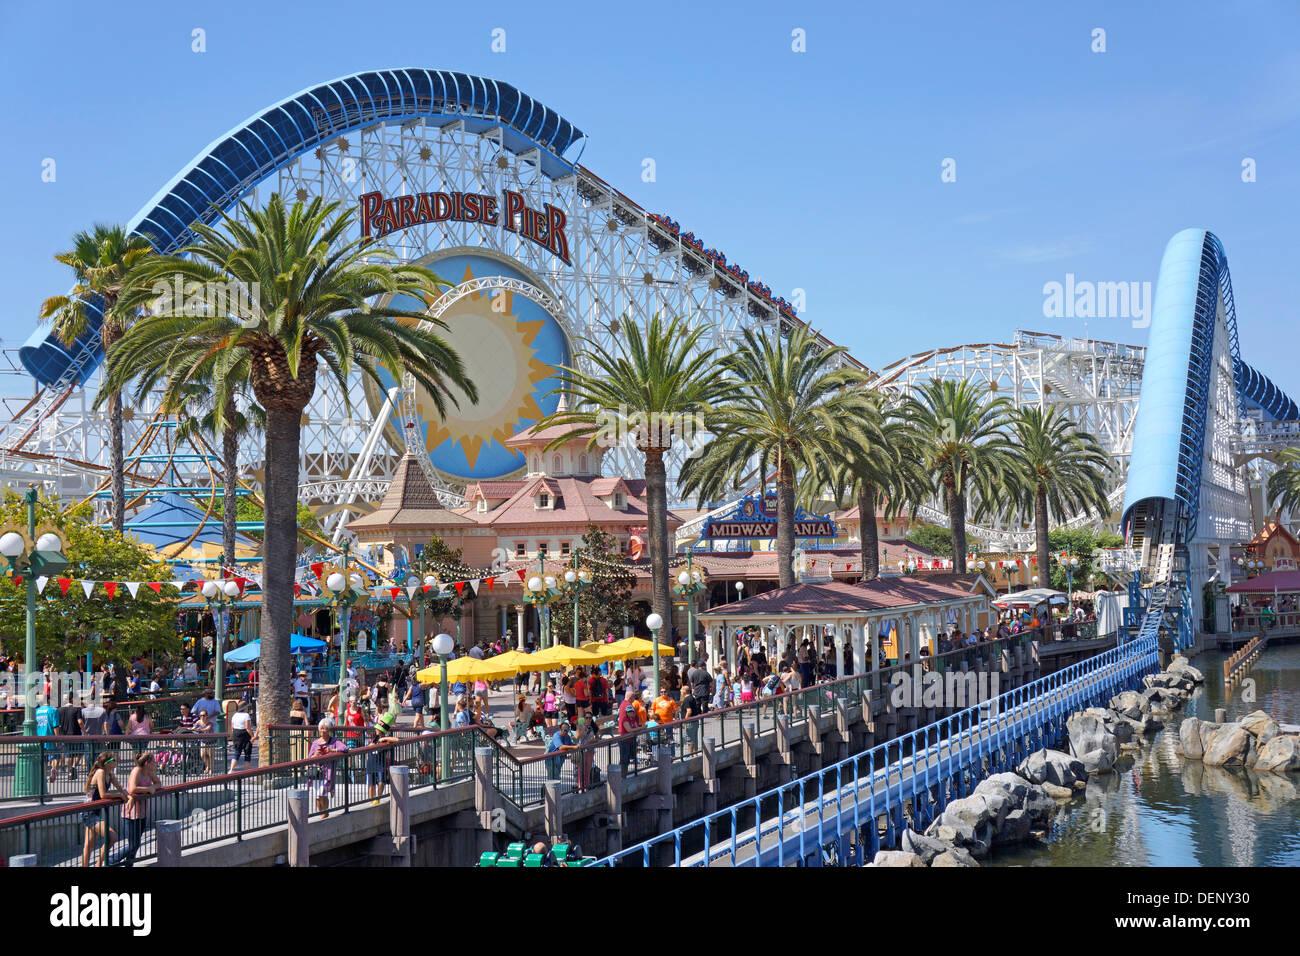 Disneyland Paradise Pier, California Adventure Park, Anaheim California Immagini Stock